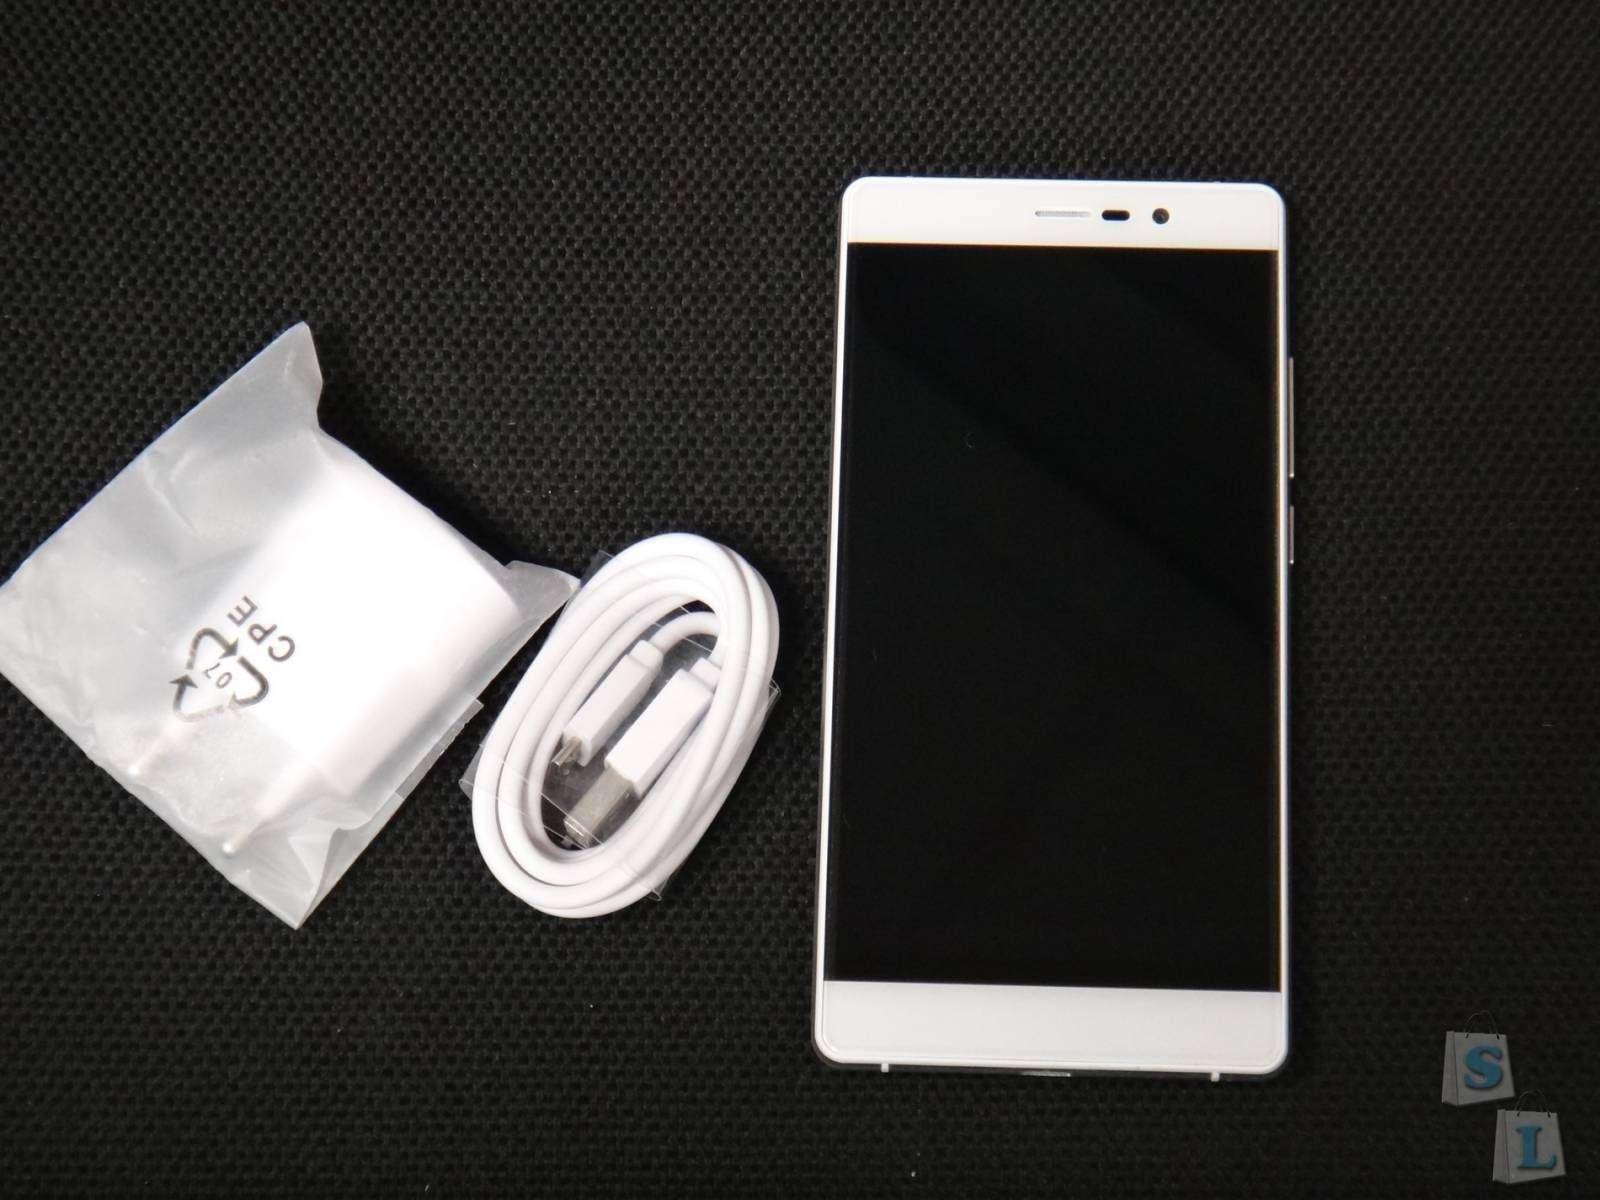 CooliCool: UMI FAIR MHAUMFR красивый бюджетник со сканером отпечатка пальца